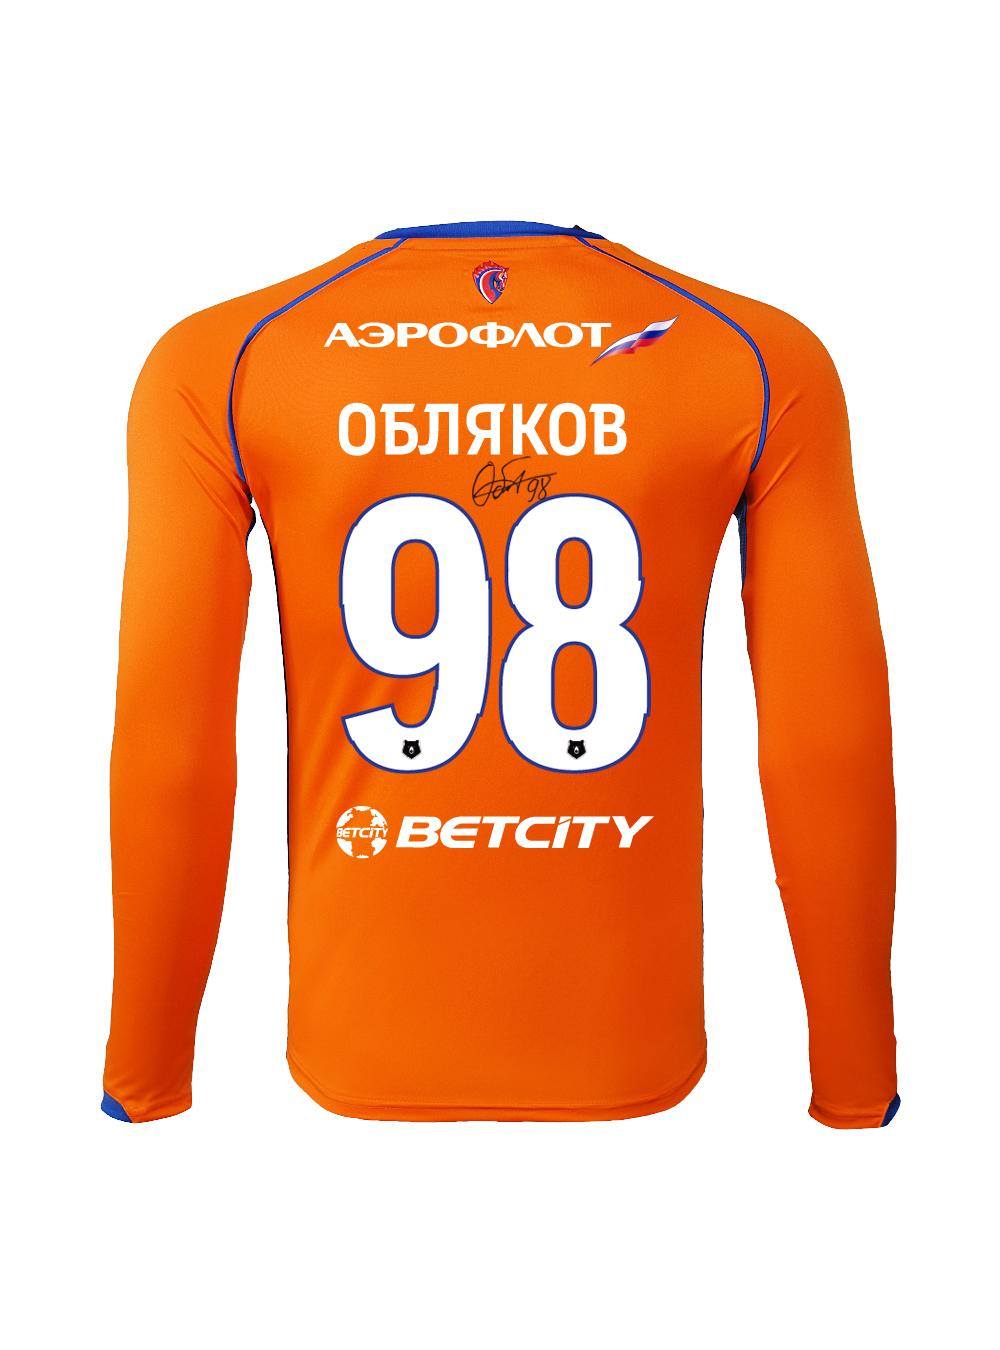 Футболка игровая резервная с длинным рукавом с автографом ОБЛЯКОВА (S) фото